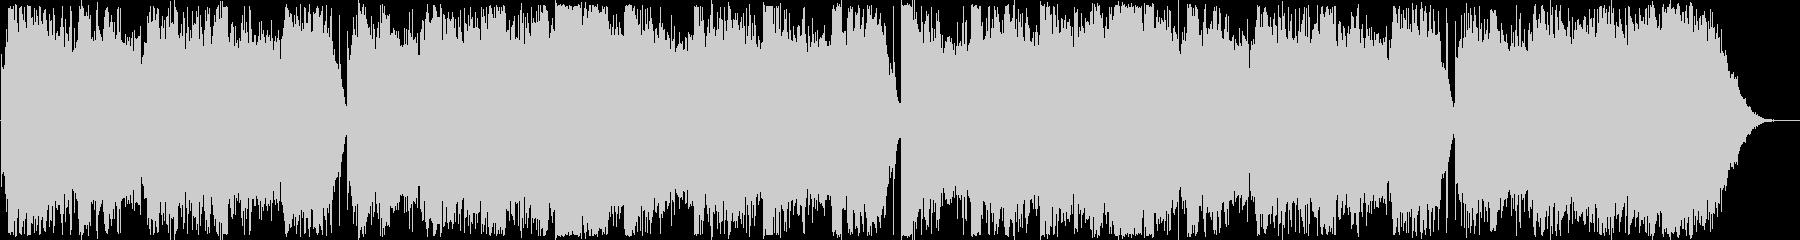 オープニング・洋楽フューチャーベースの未再生の波形